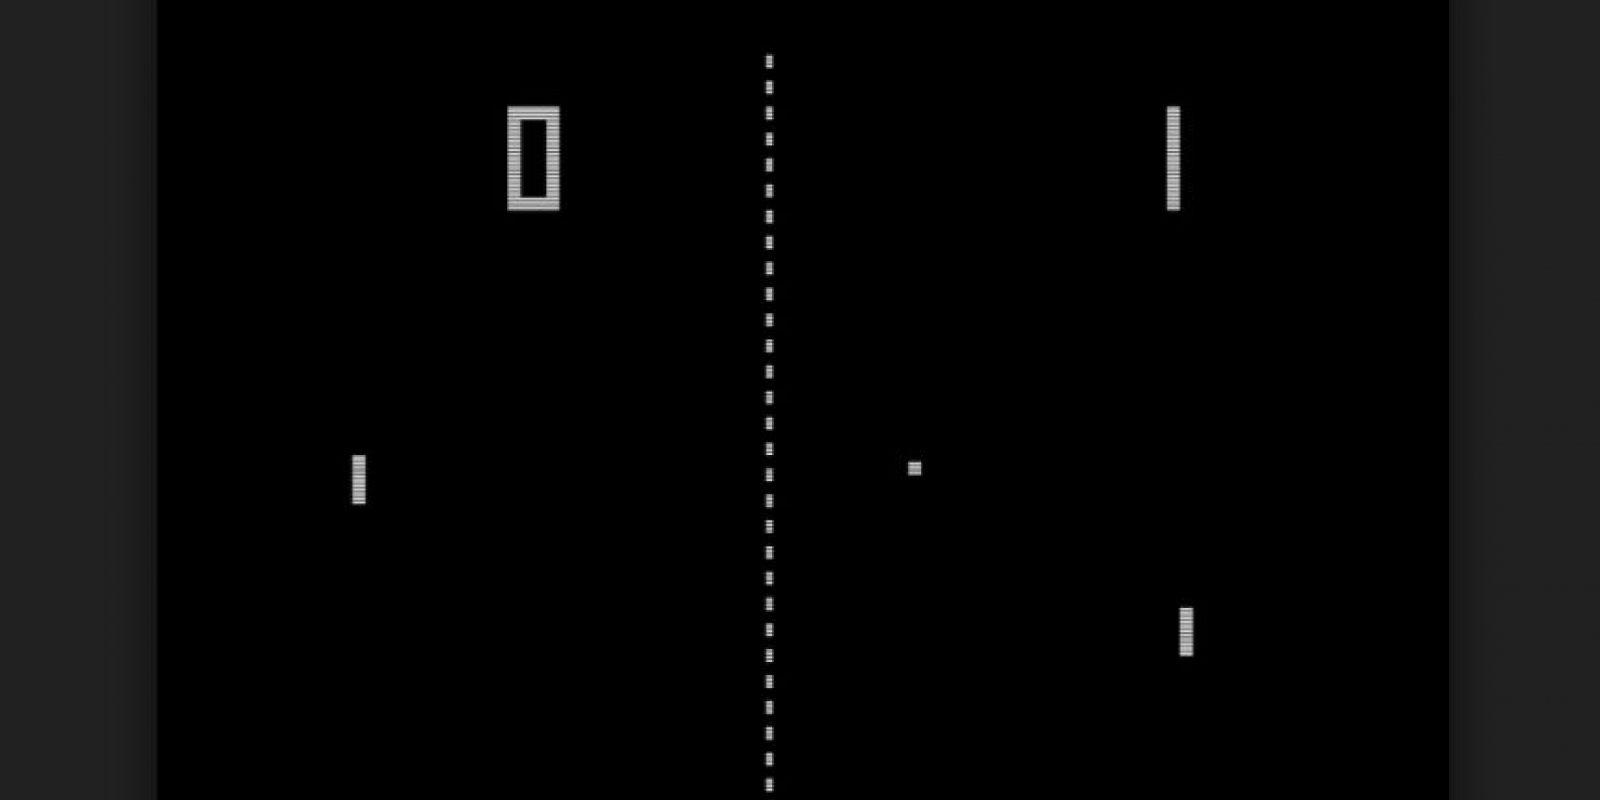 Pong está basado en el deporte de tenis de mesa (o ping pong) Foto:Wikicommons